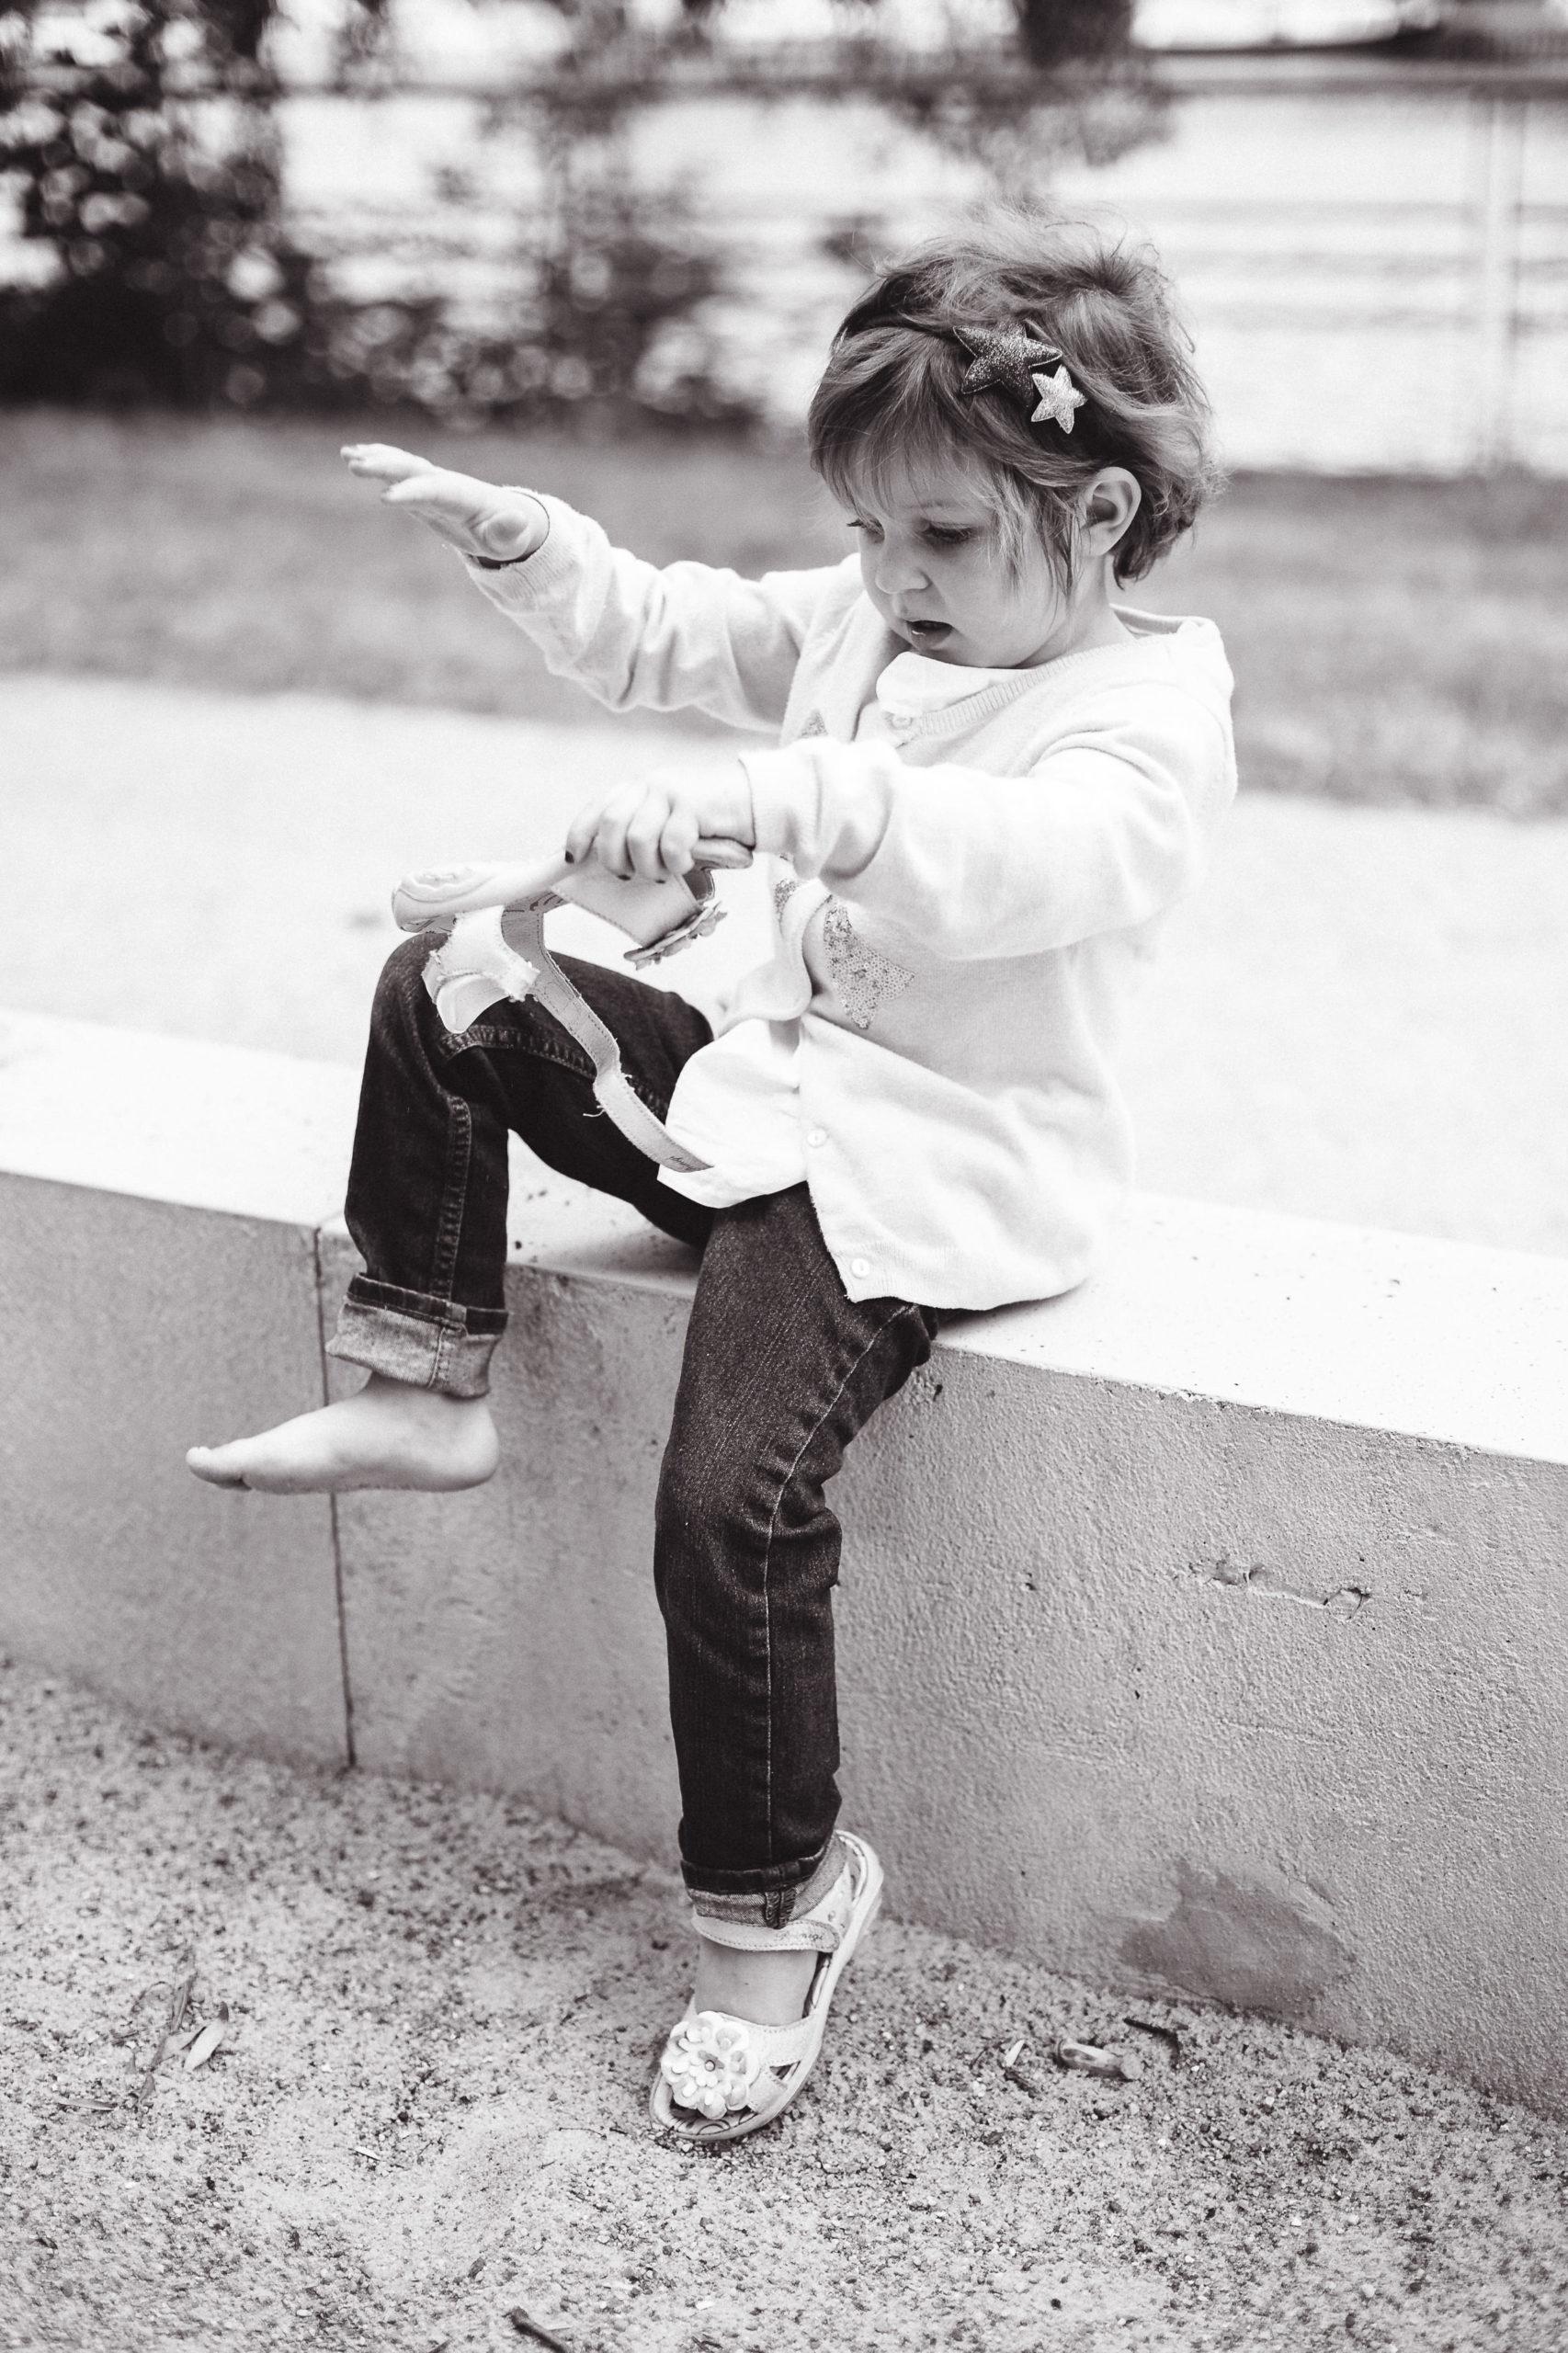 Mädchen schüttelt Sand aus ihren Sandalen